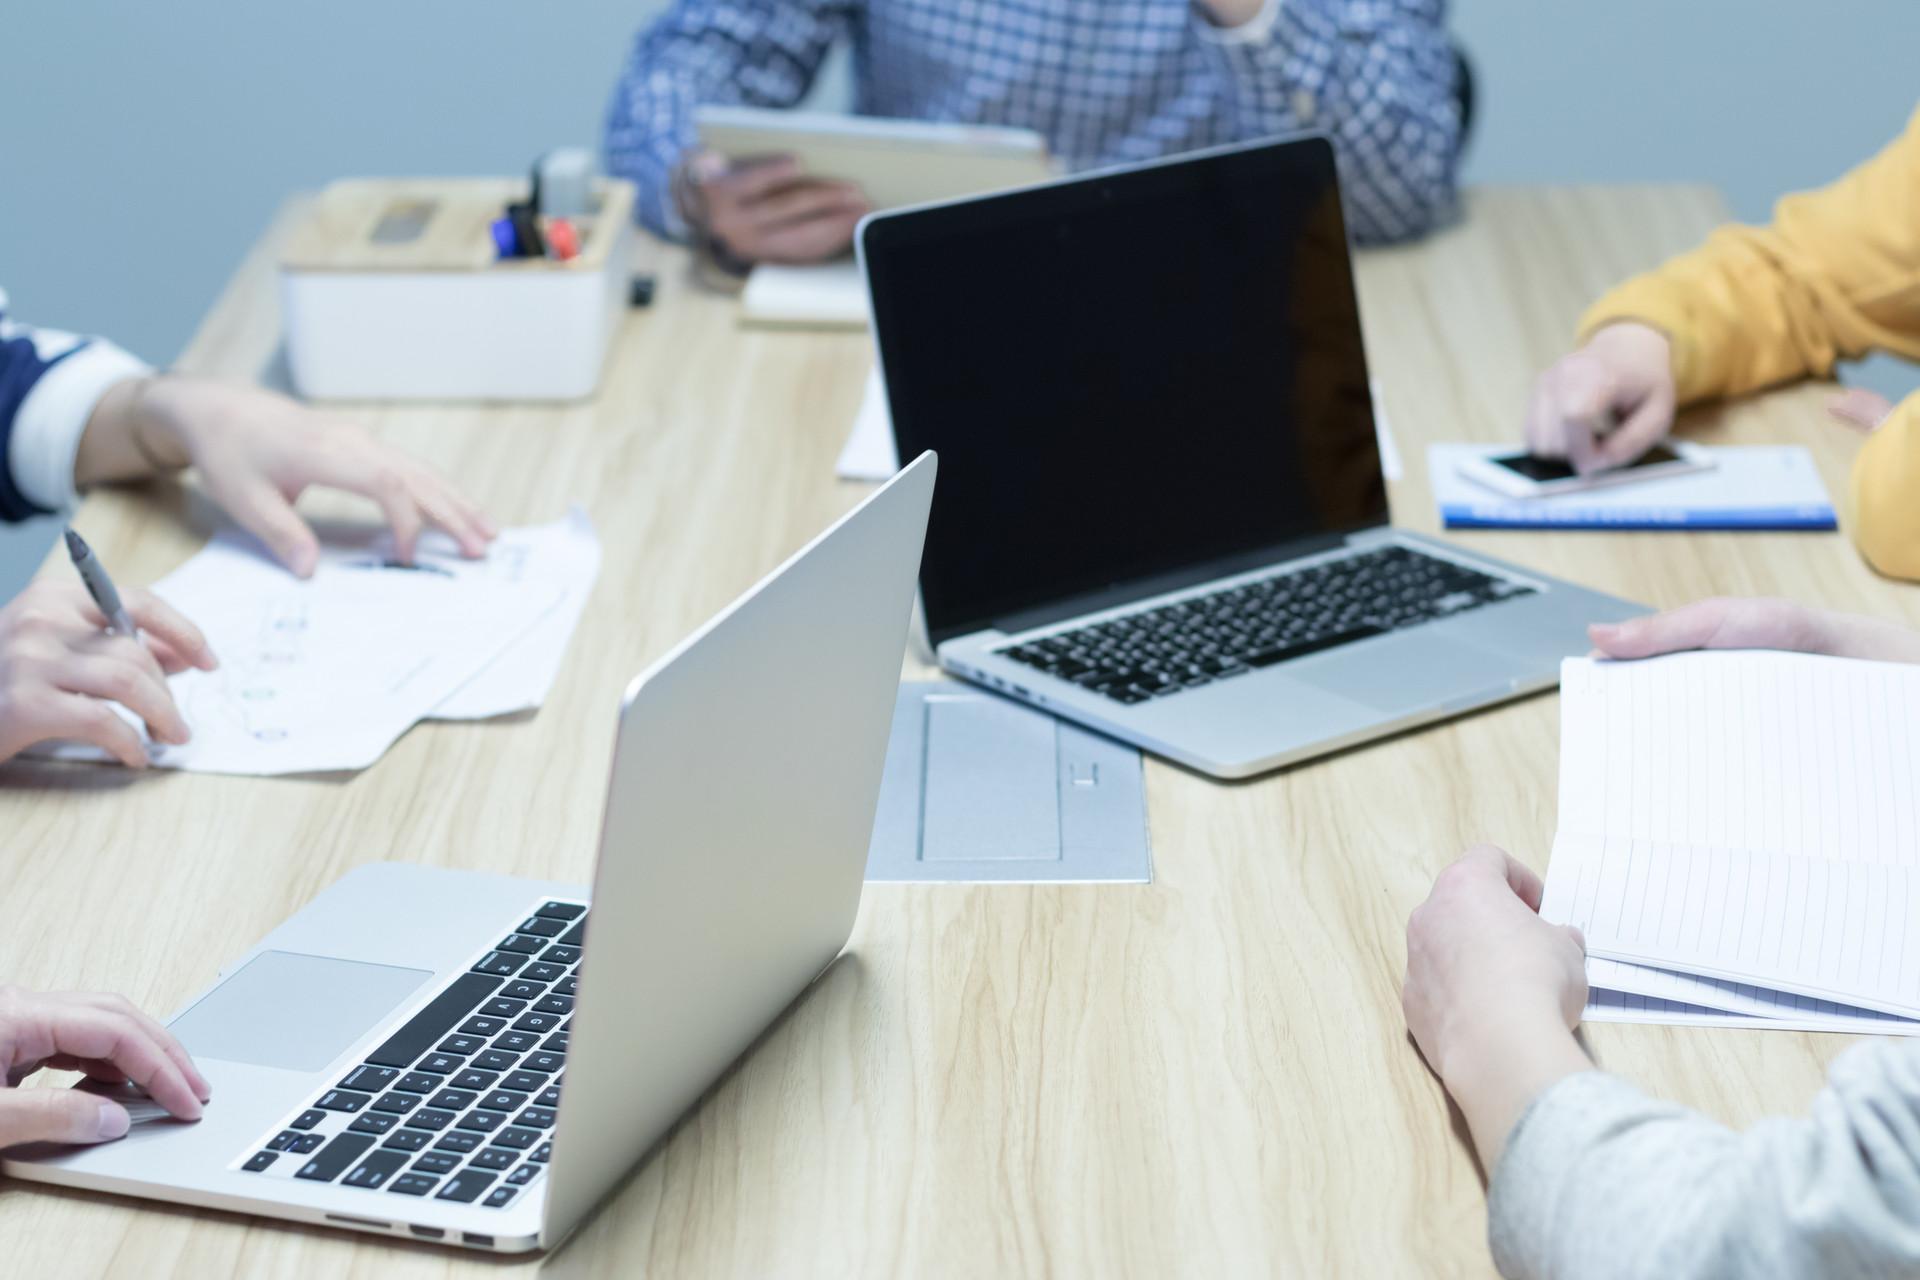 百人以上的企业怎么群发工资条提高工作效率